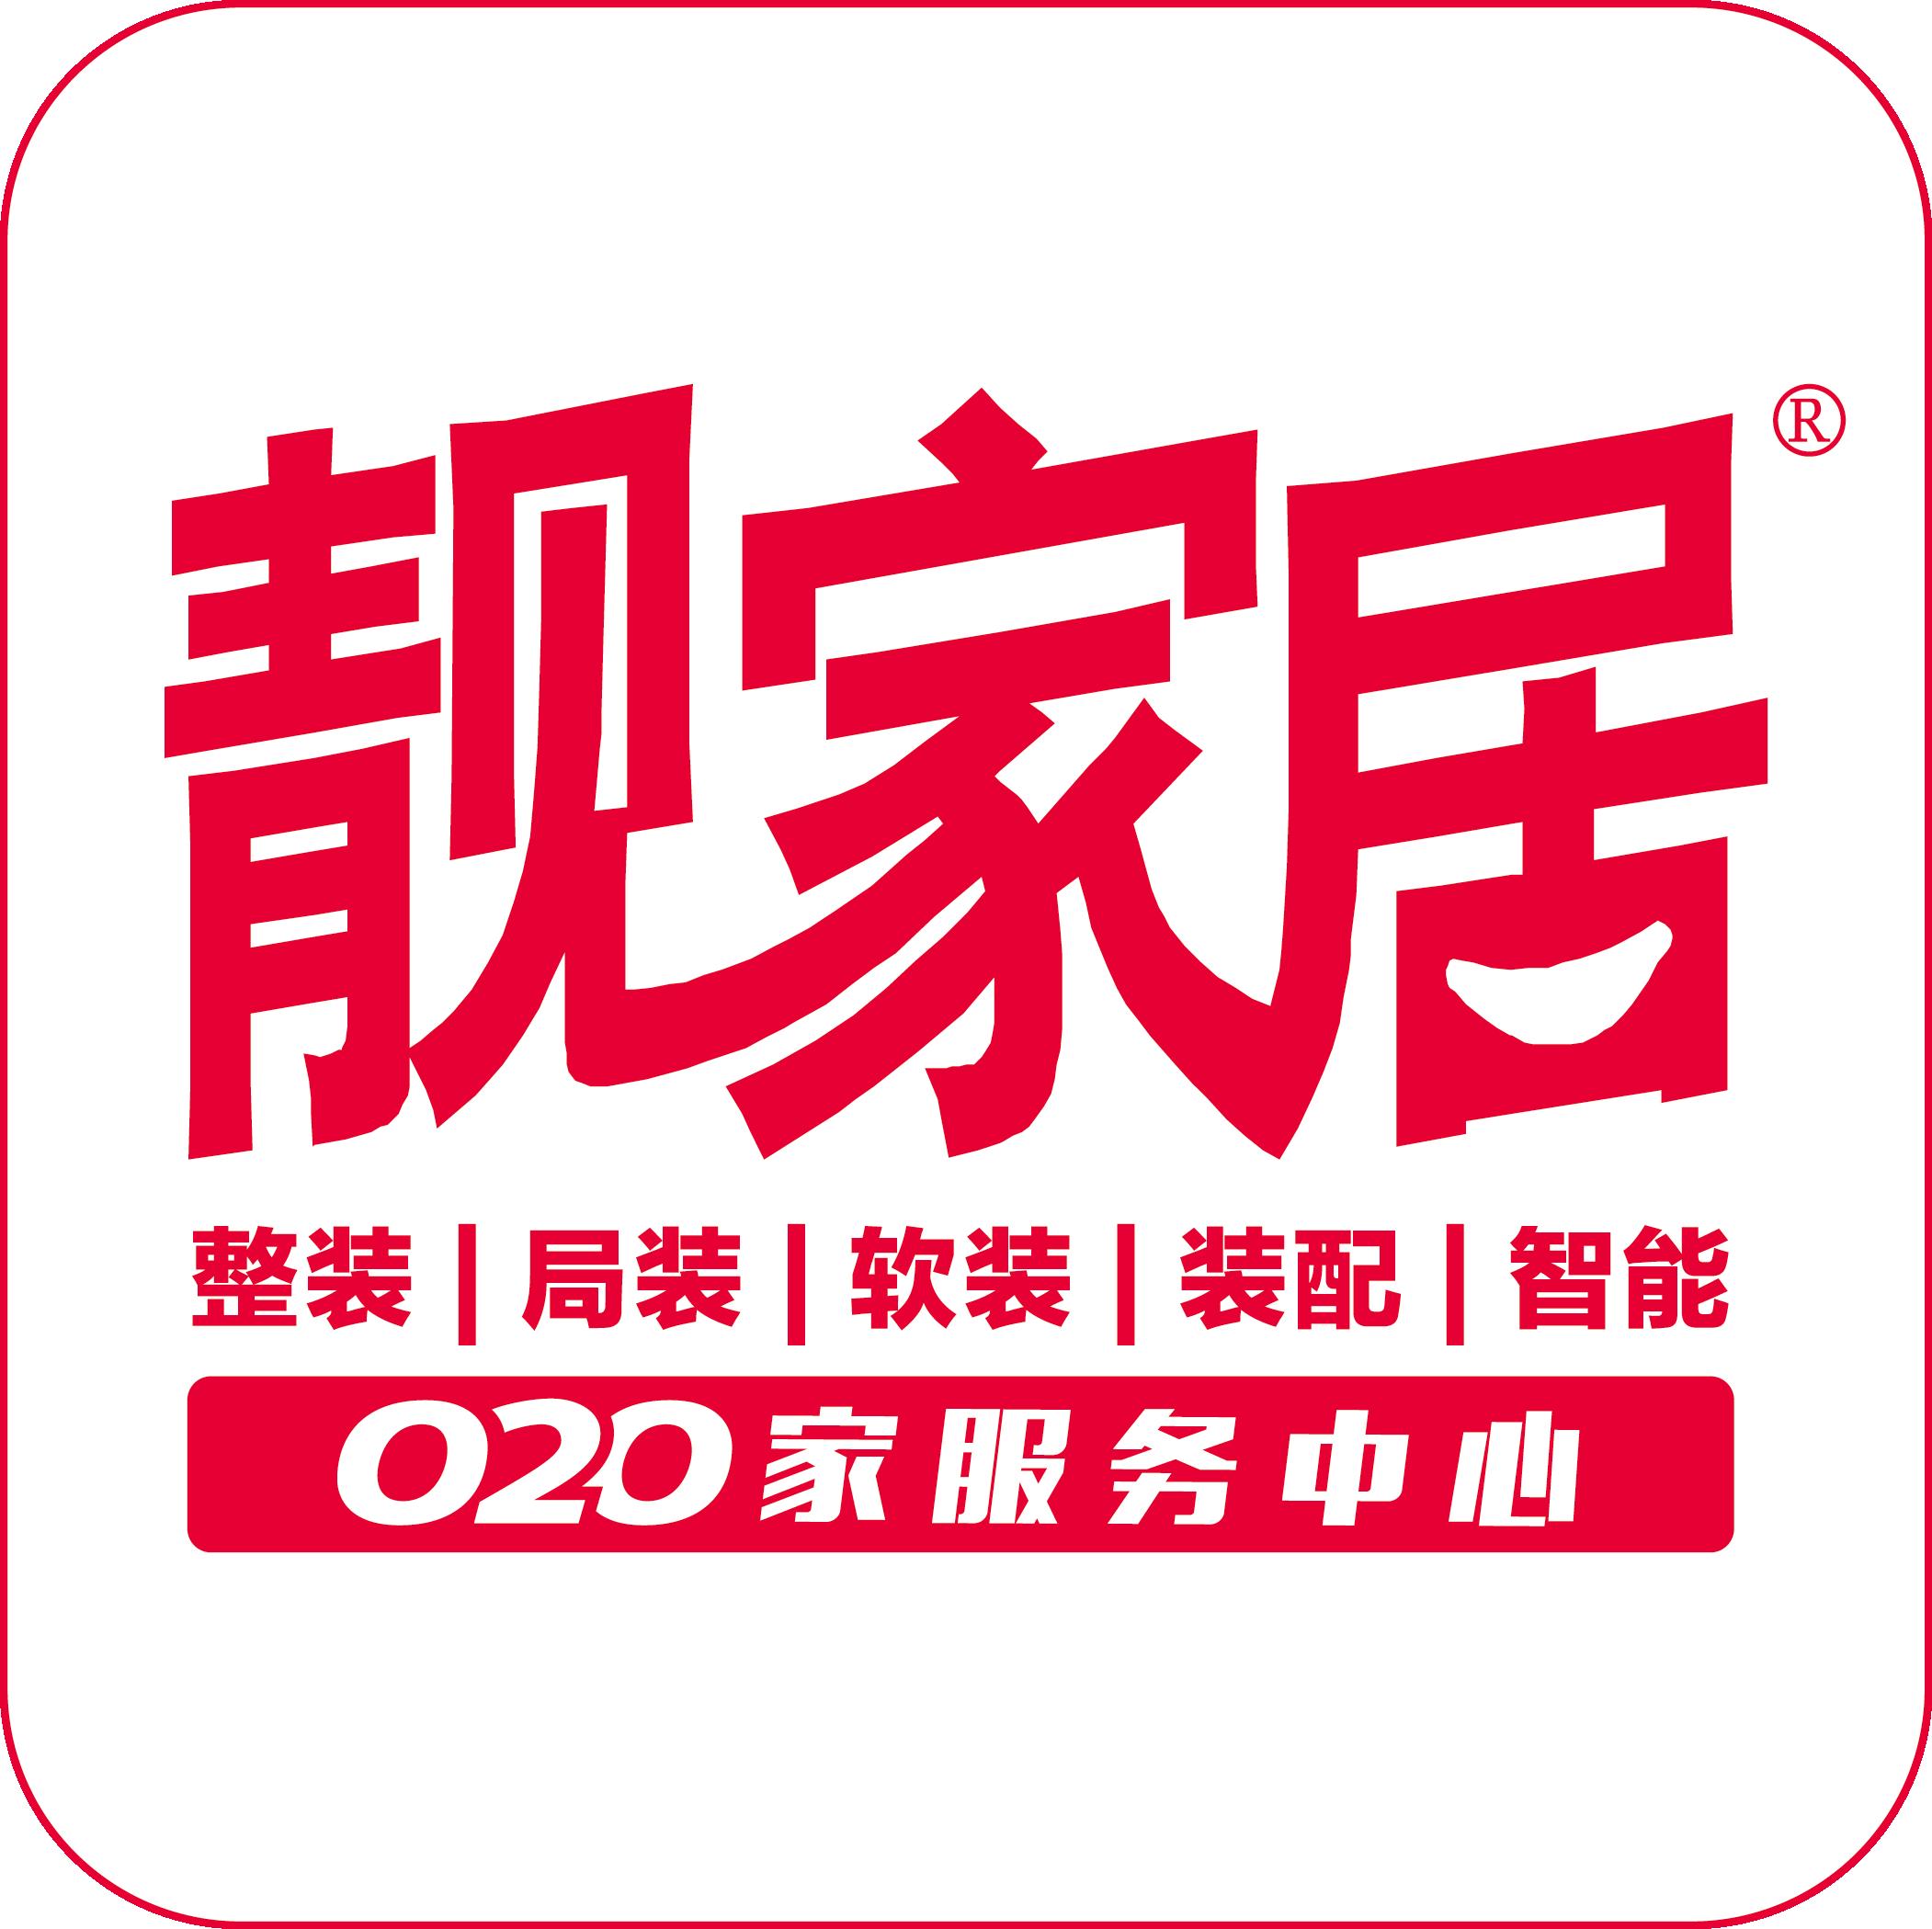 �V州市�n家居�b�材料有限公司�W���_分公司logo